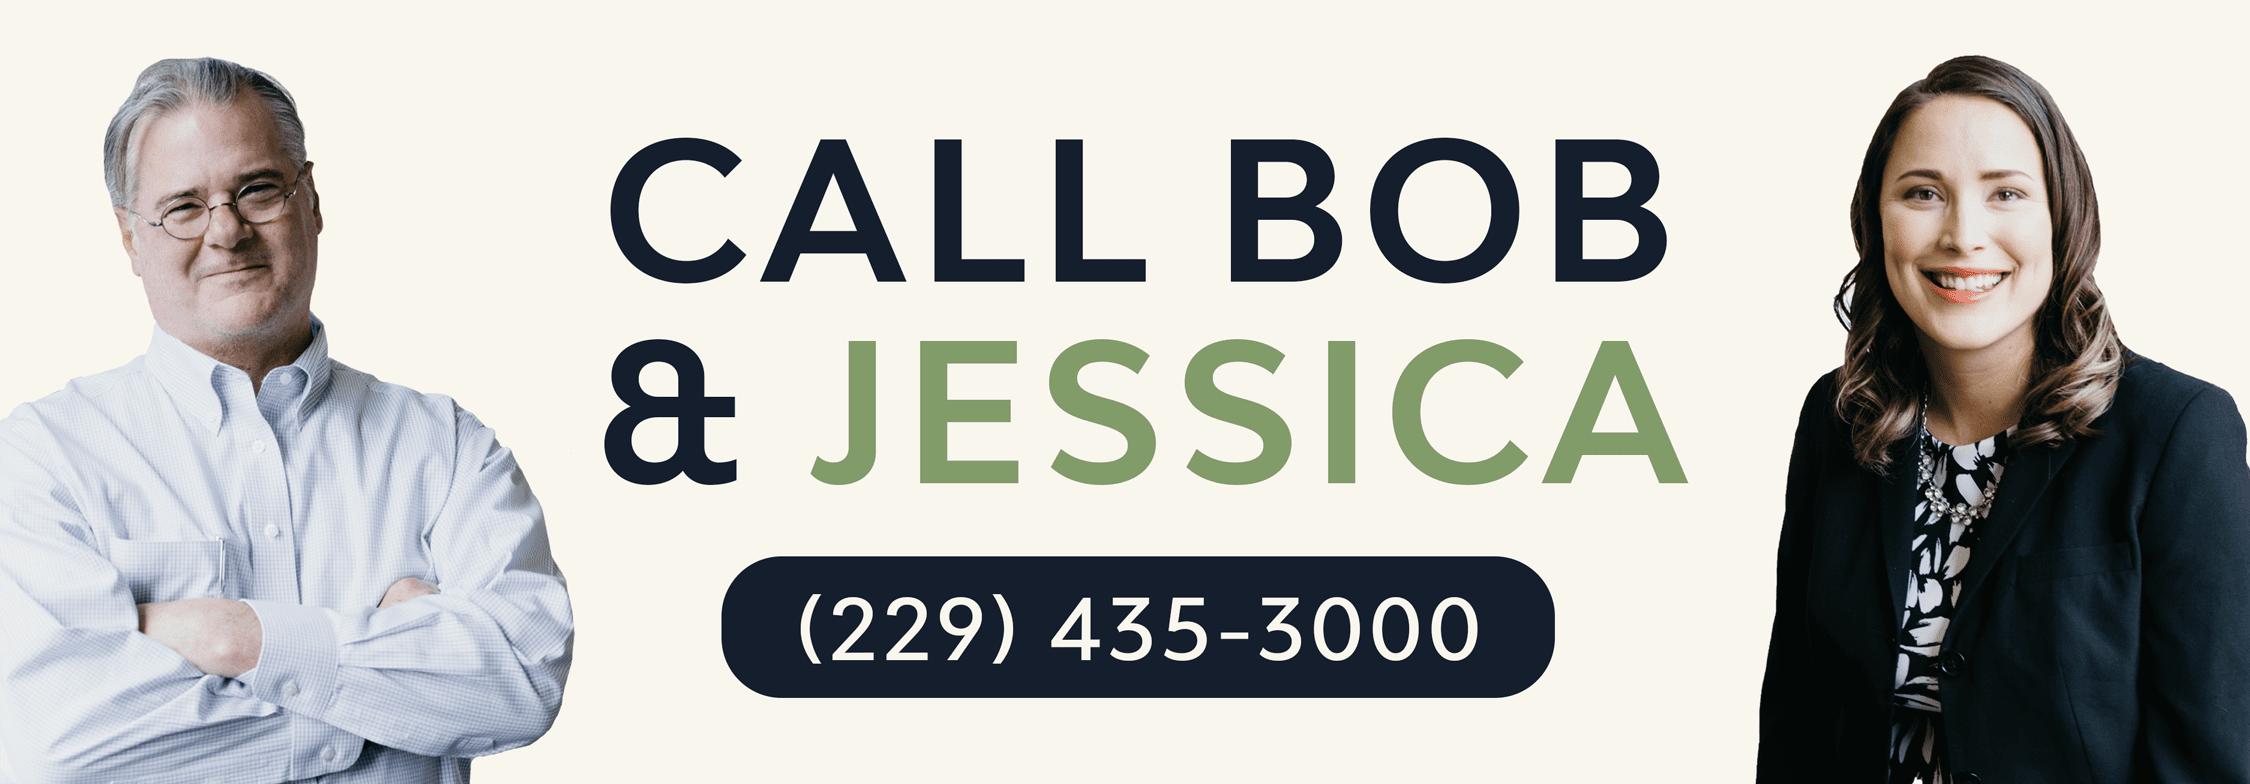 Call Bob Beauchamp & Jessica Idlett at 229-435-3000.